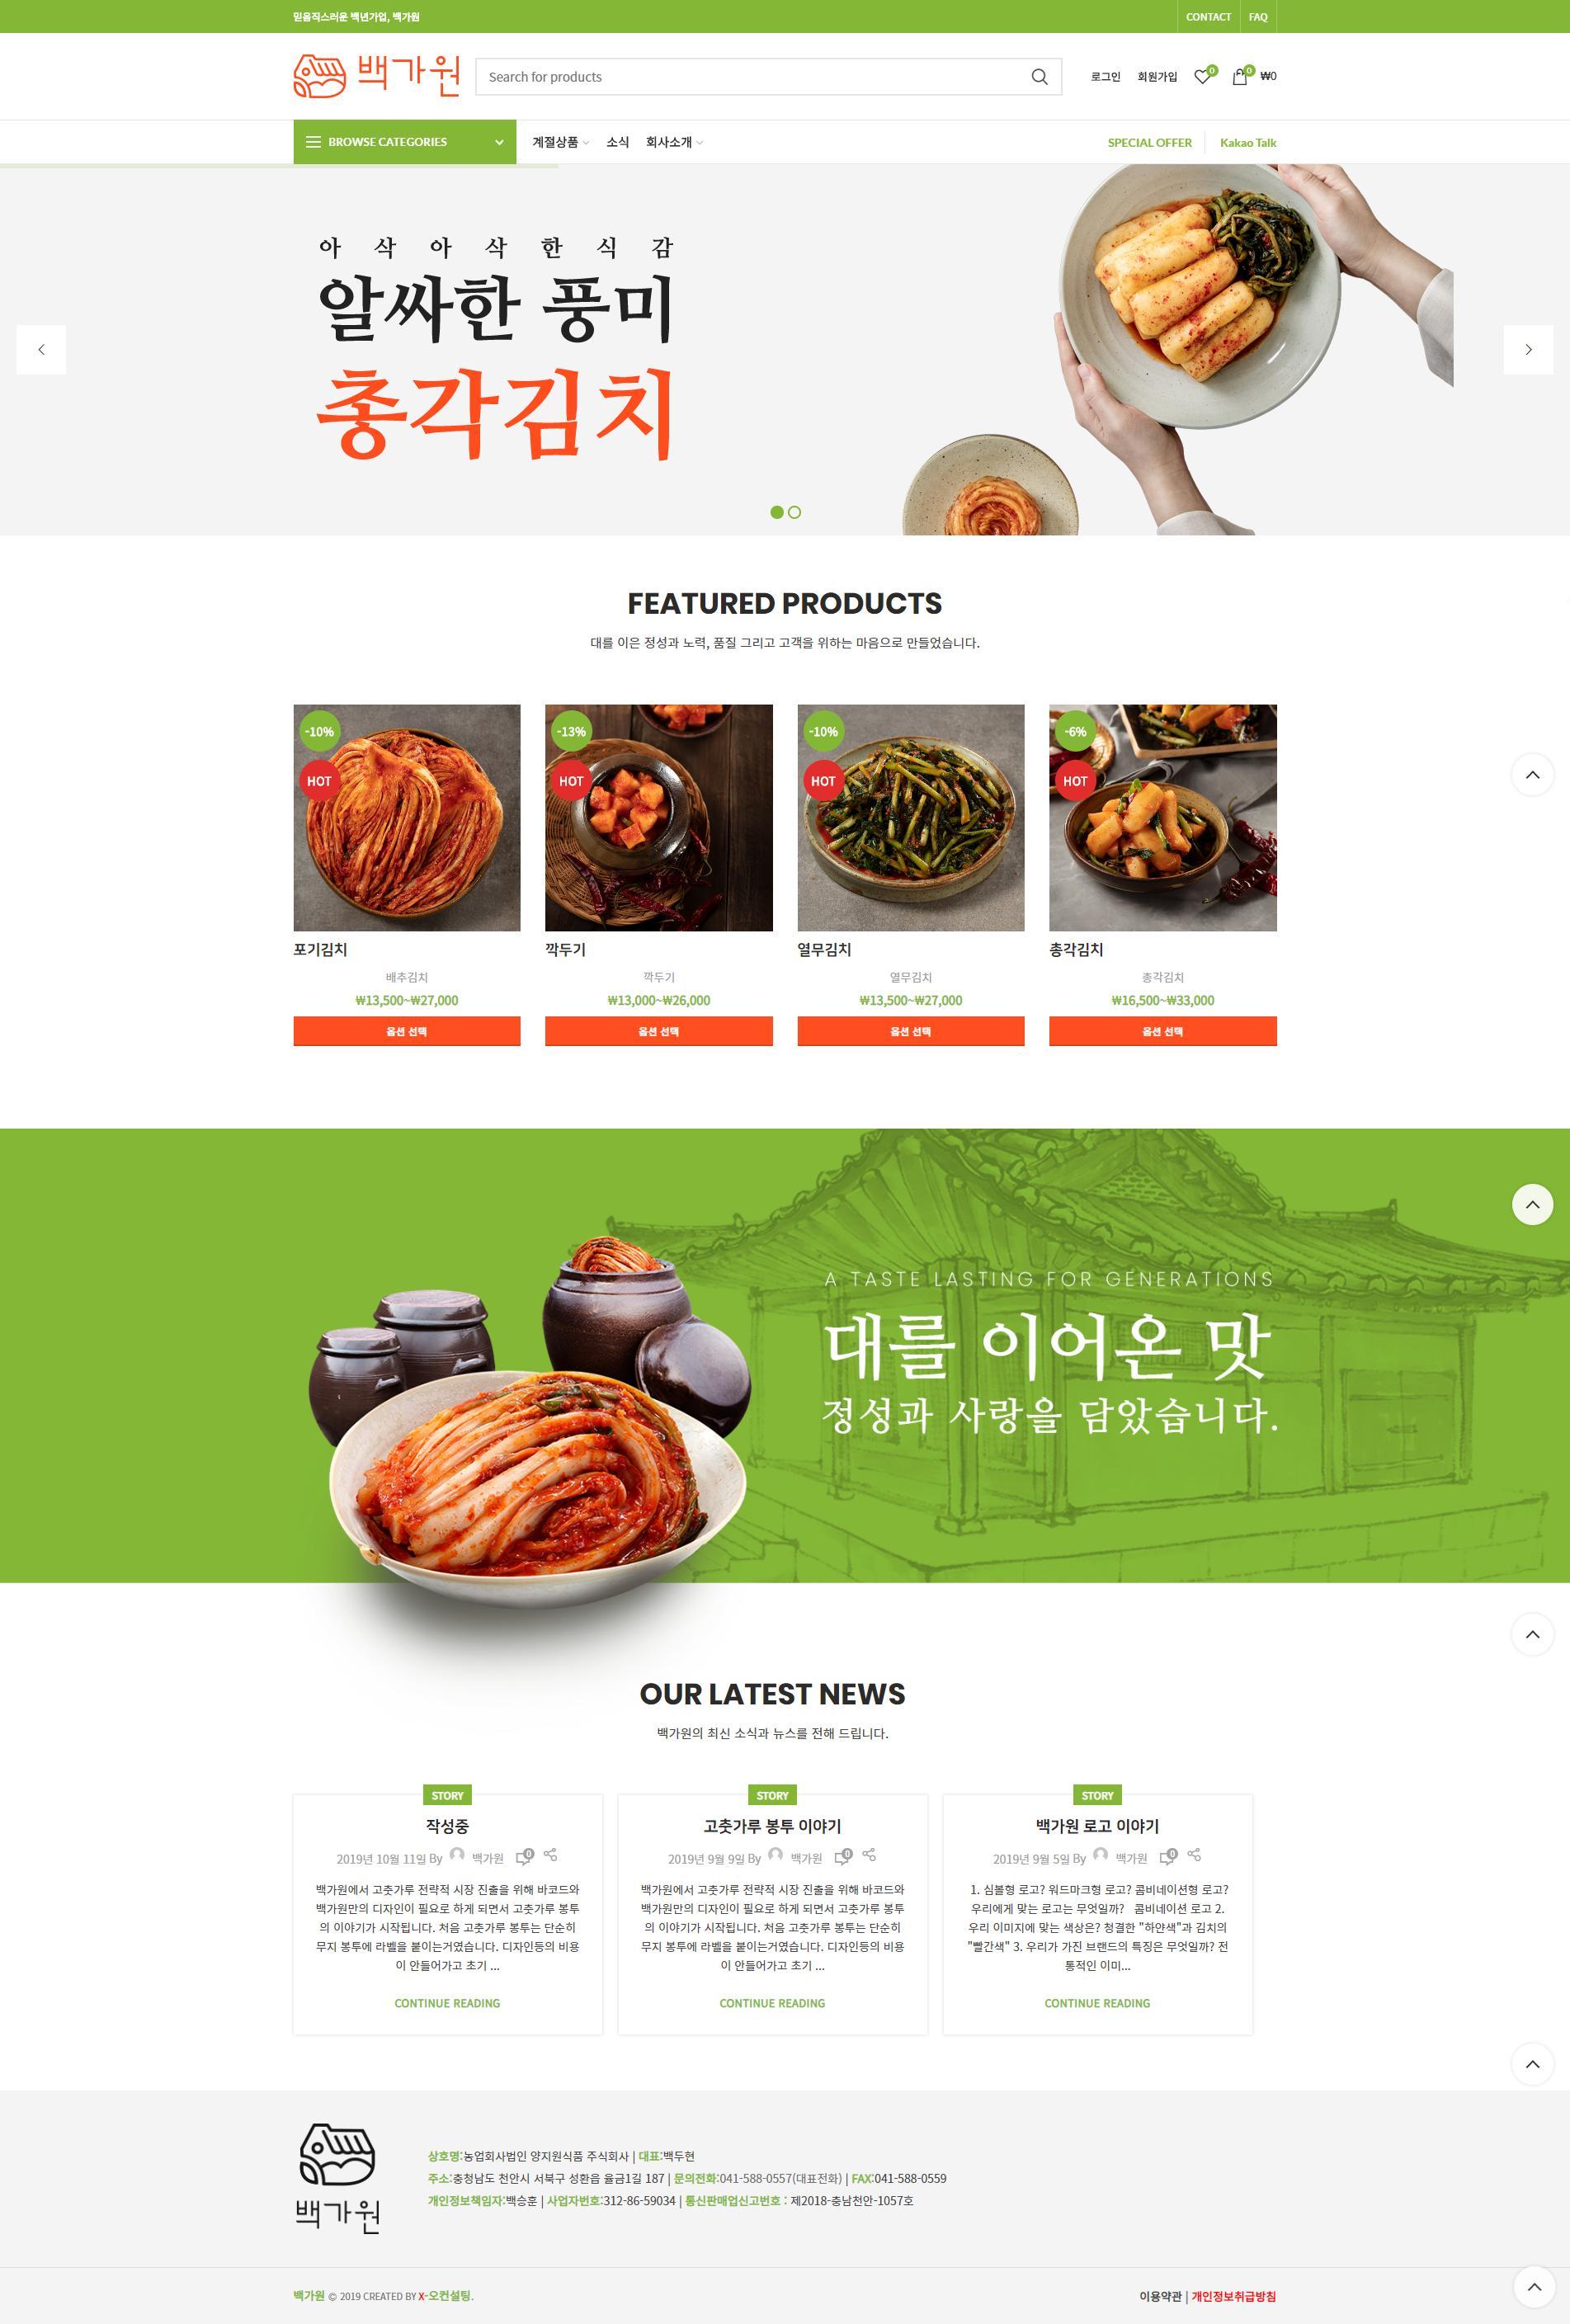 백가원 - 김치쇼핑몰 메인페이지